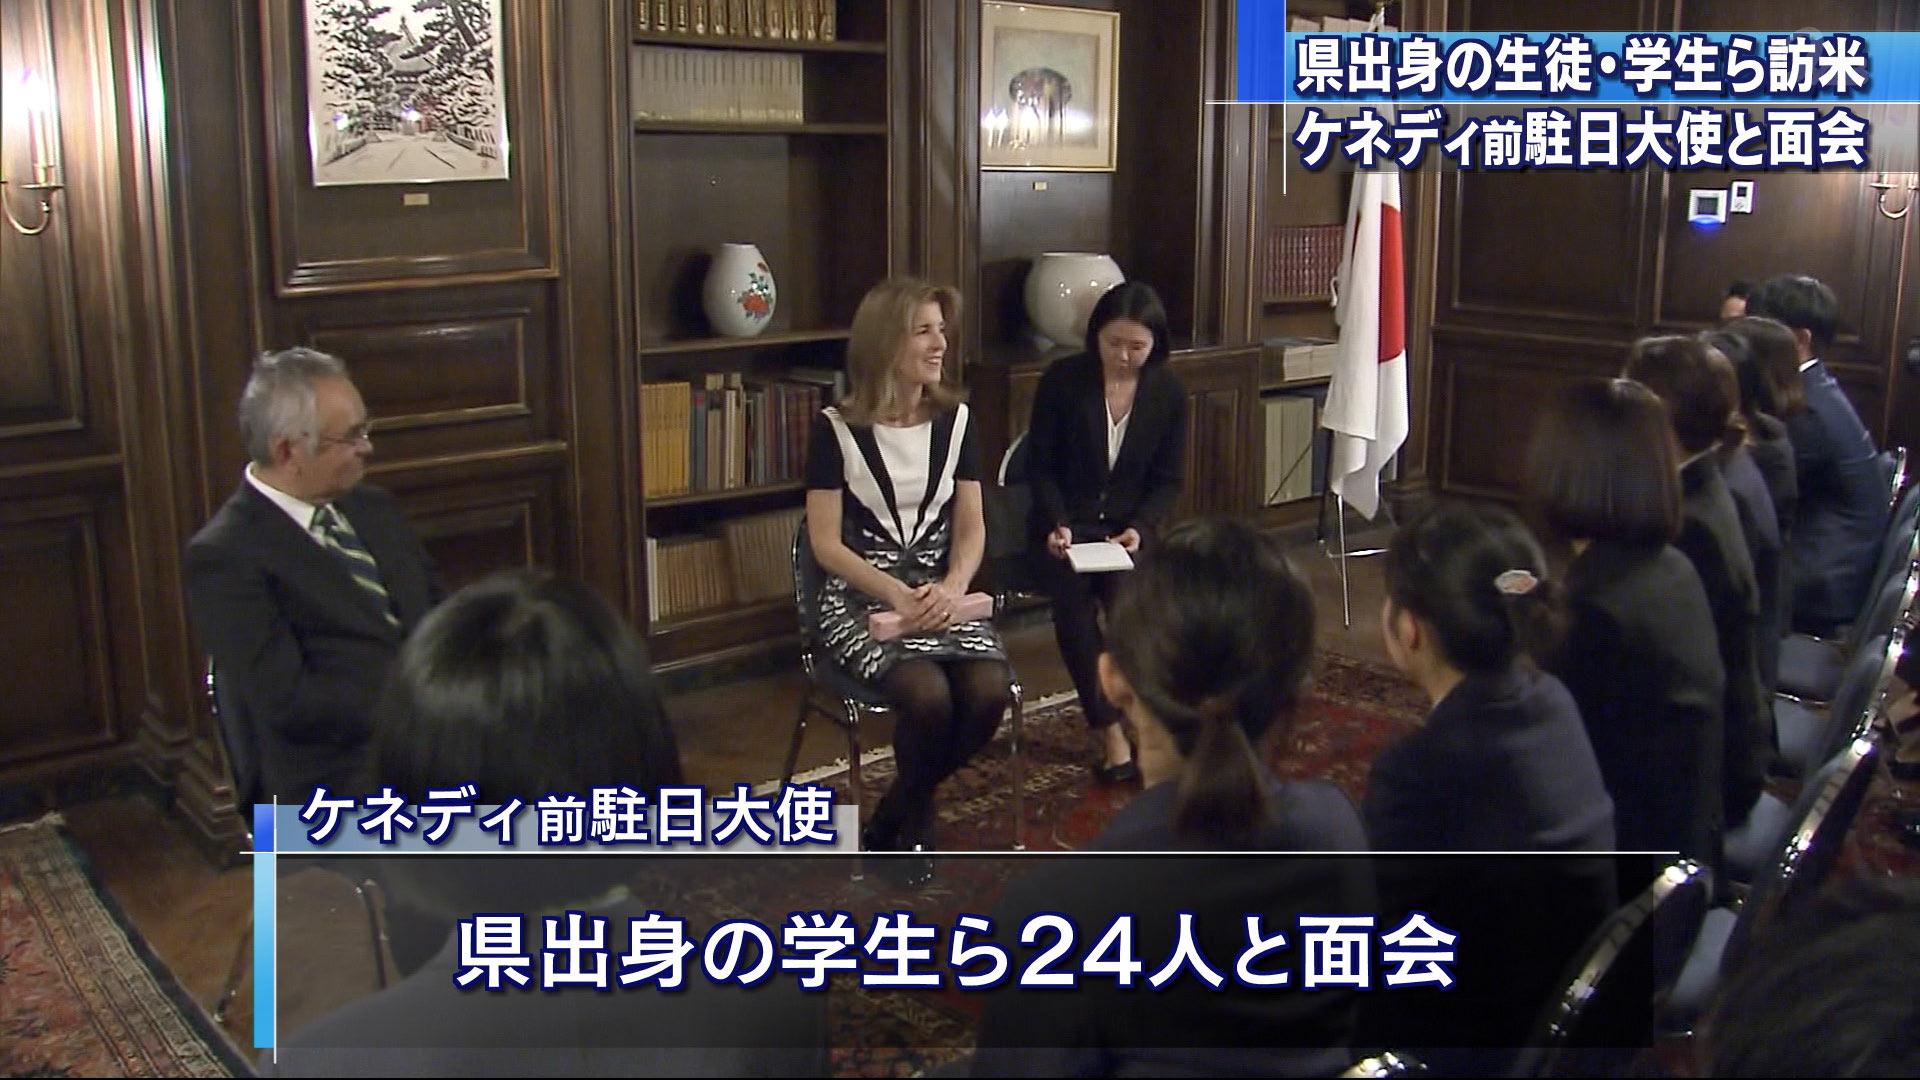 沖縄の学生らが訪米 ケネディ前駐日大使と面会